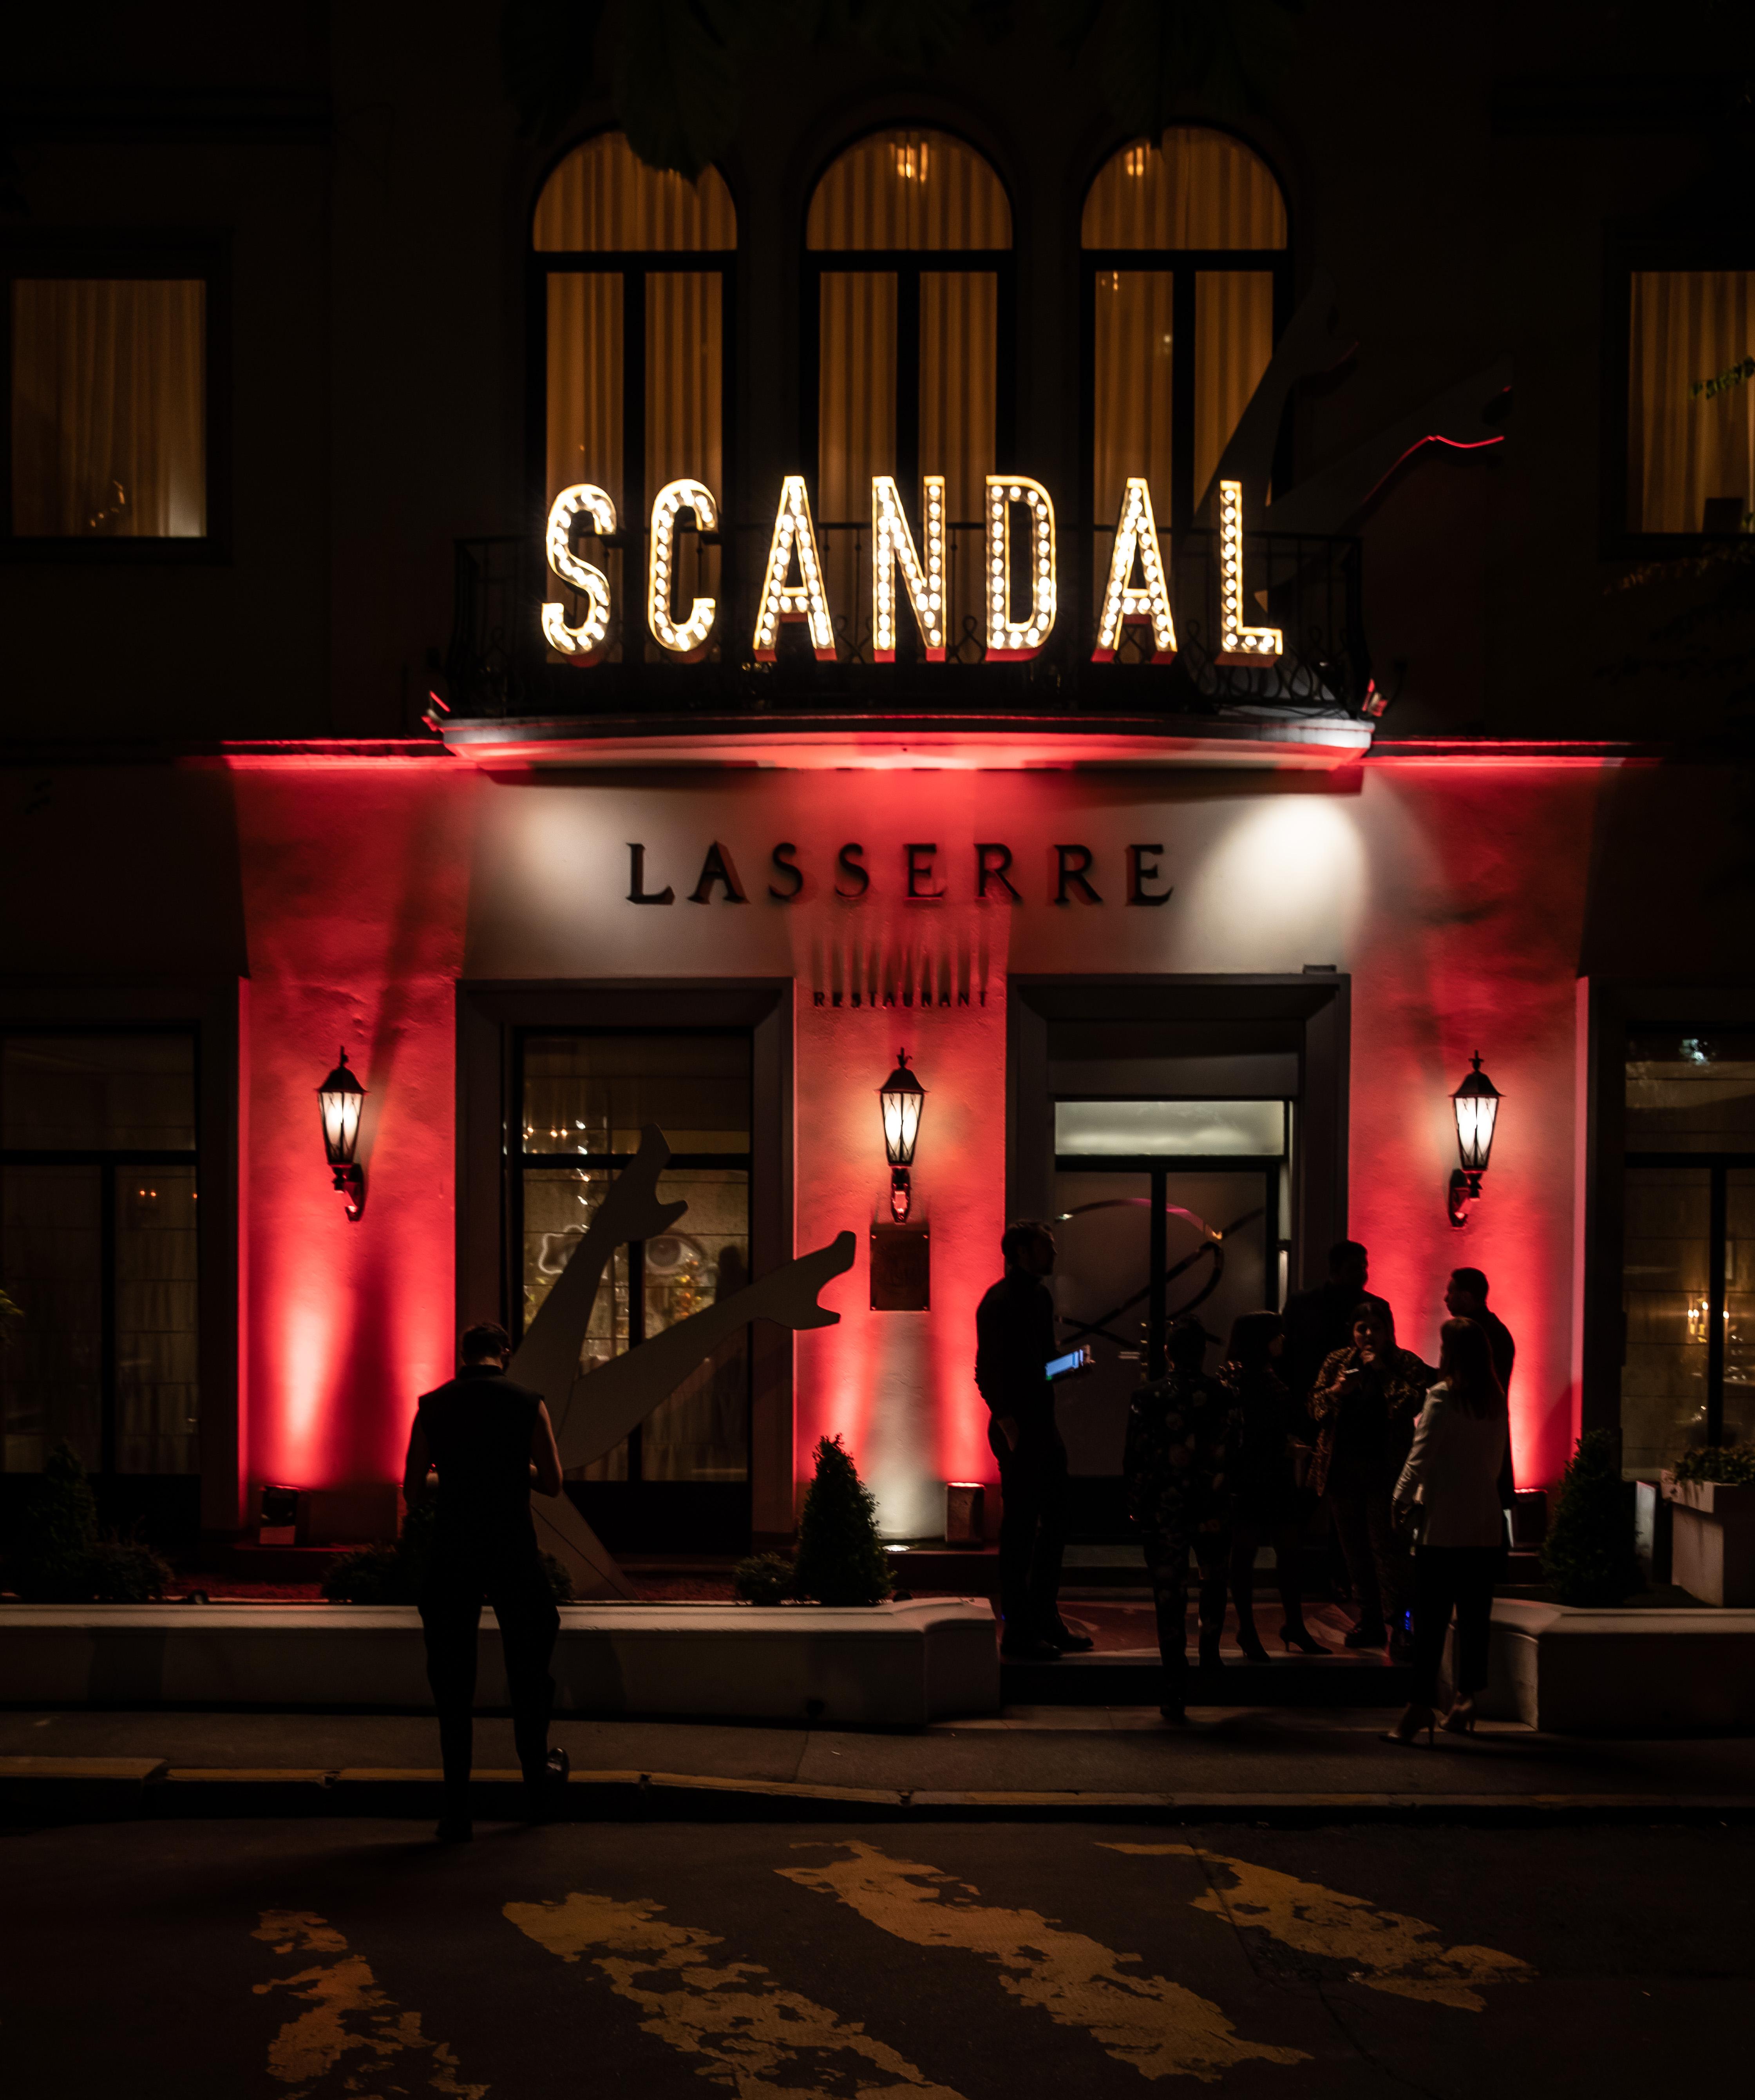 Vista del restaurante Lasserre al anochecer. Fotos Paul Blind, Francois Goizé, Valentin Lecron.